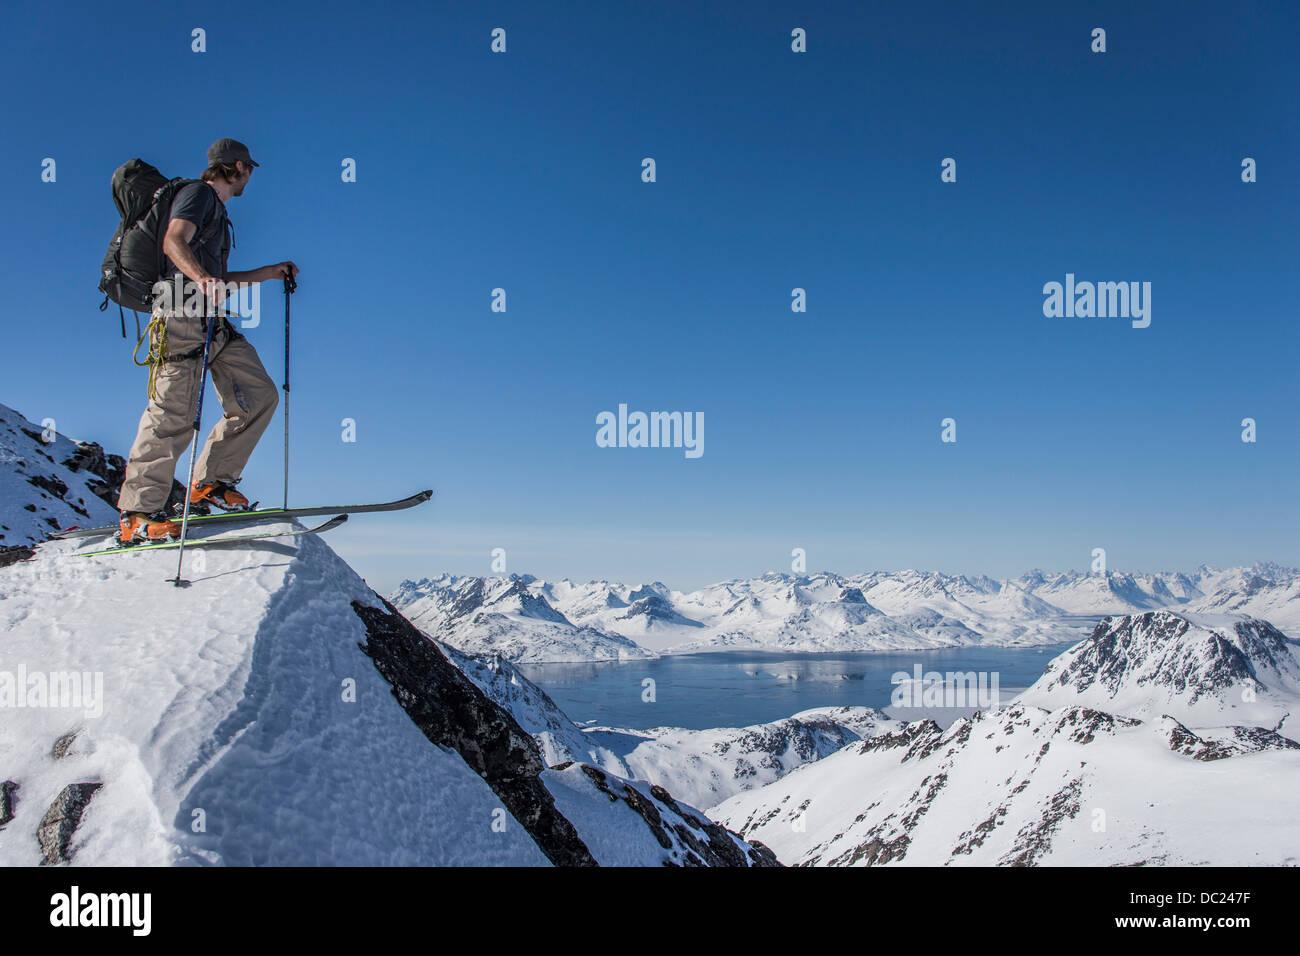 Mann mit Skiern am Gipfel des Berges in Ostgrönland Stockbild